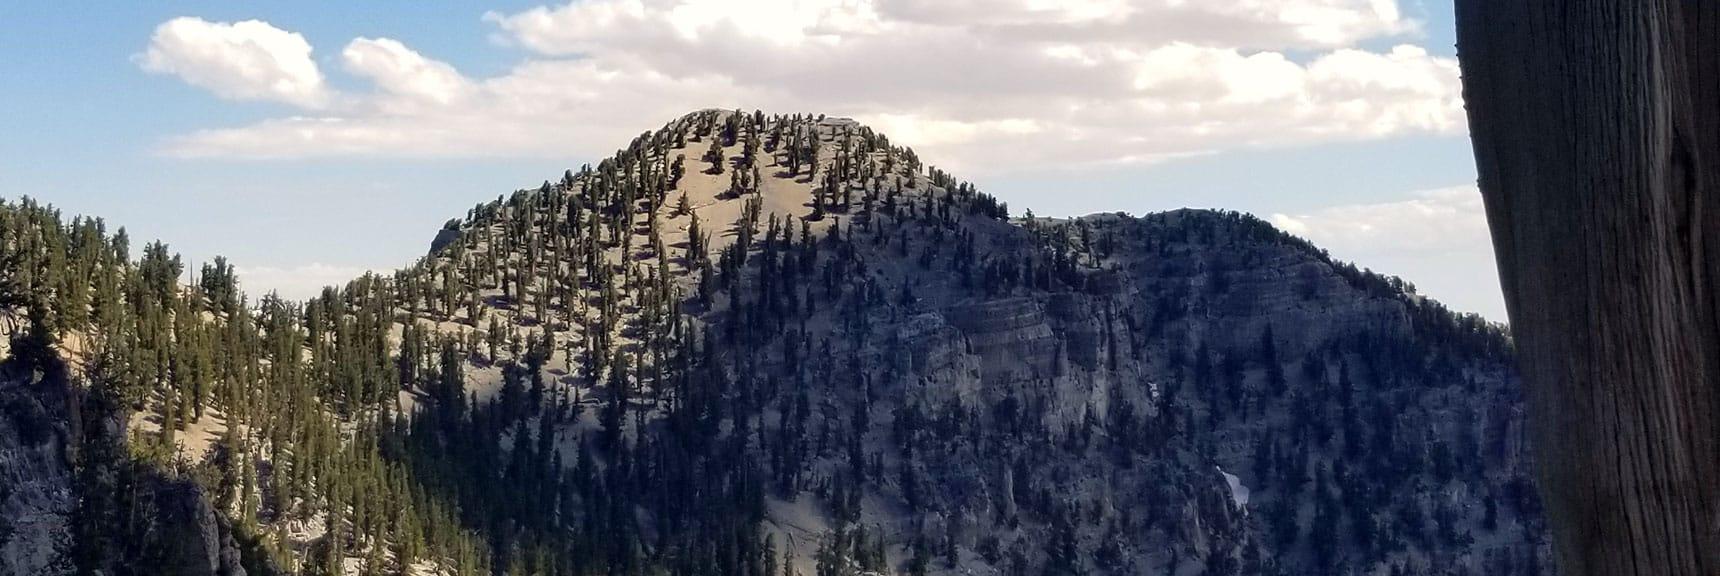 Lee Peak Viewed from North Loop Trail Below Charleston Peak